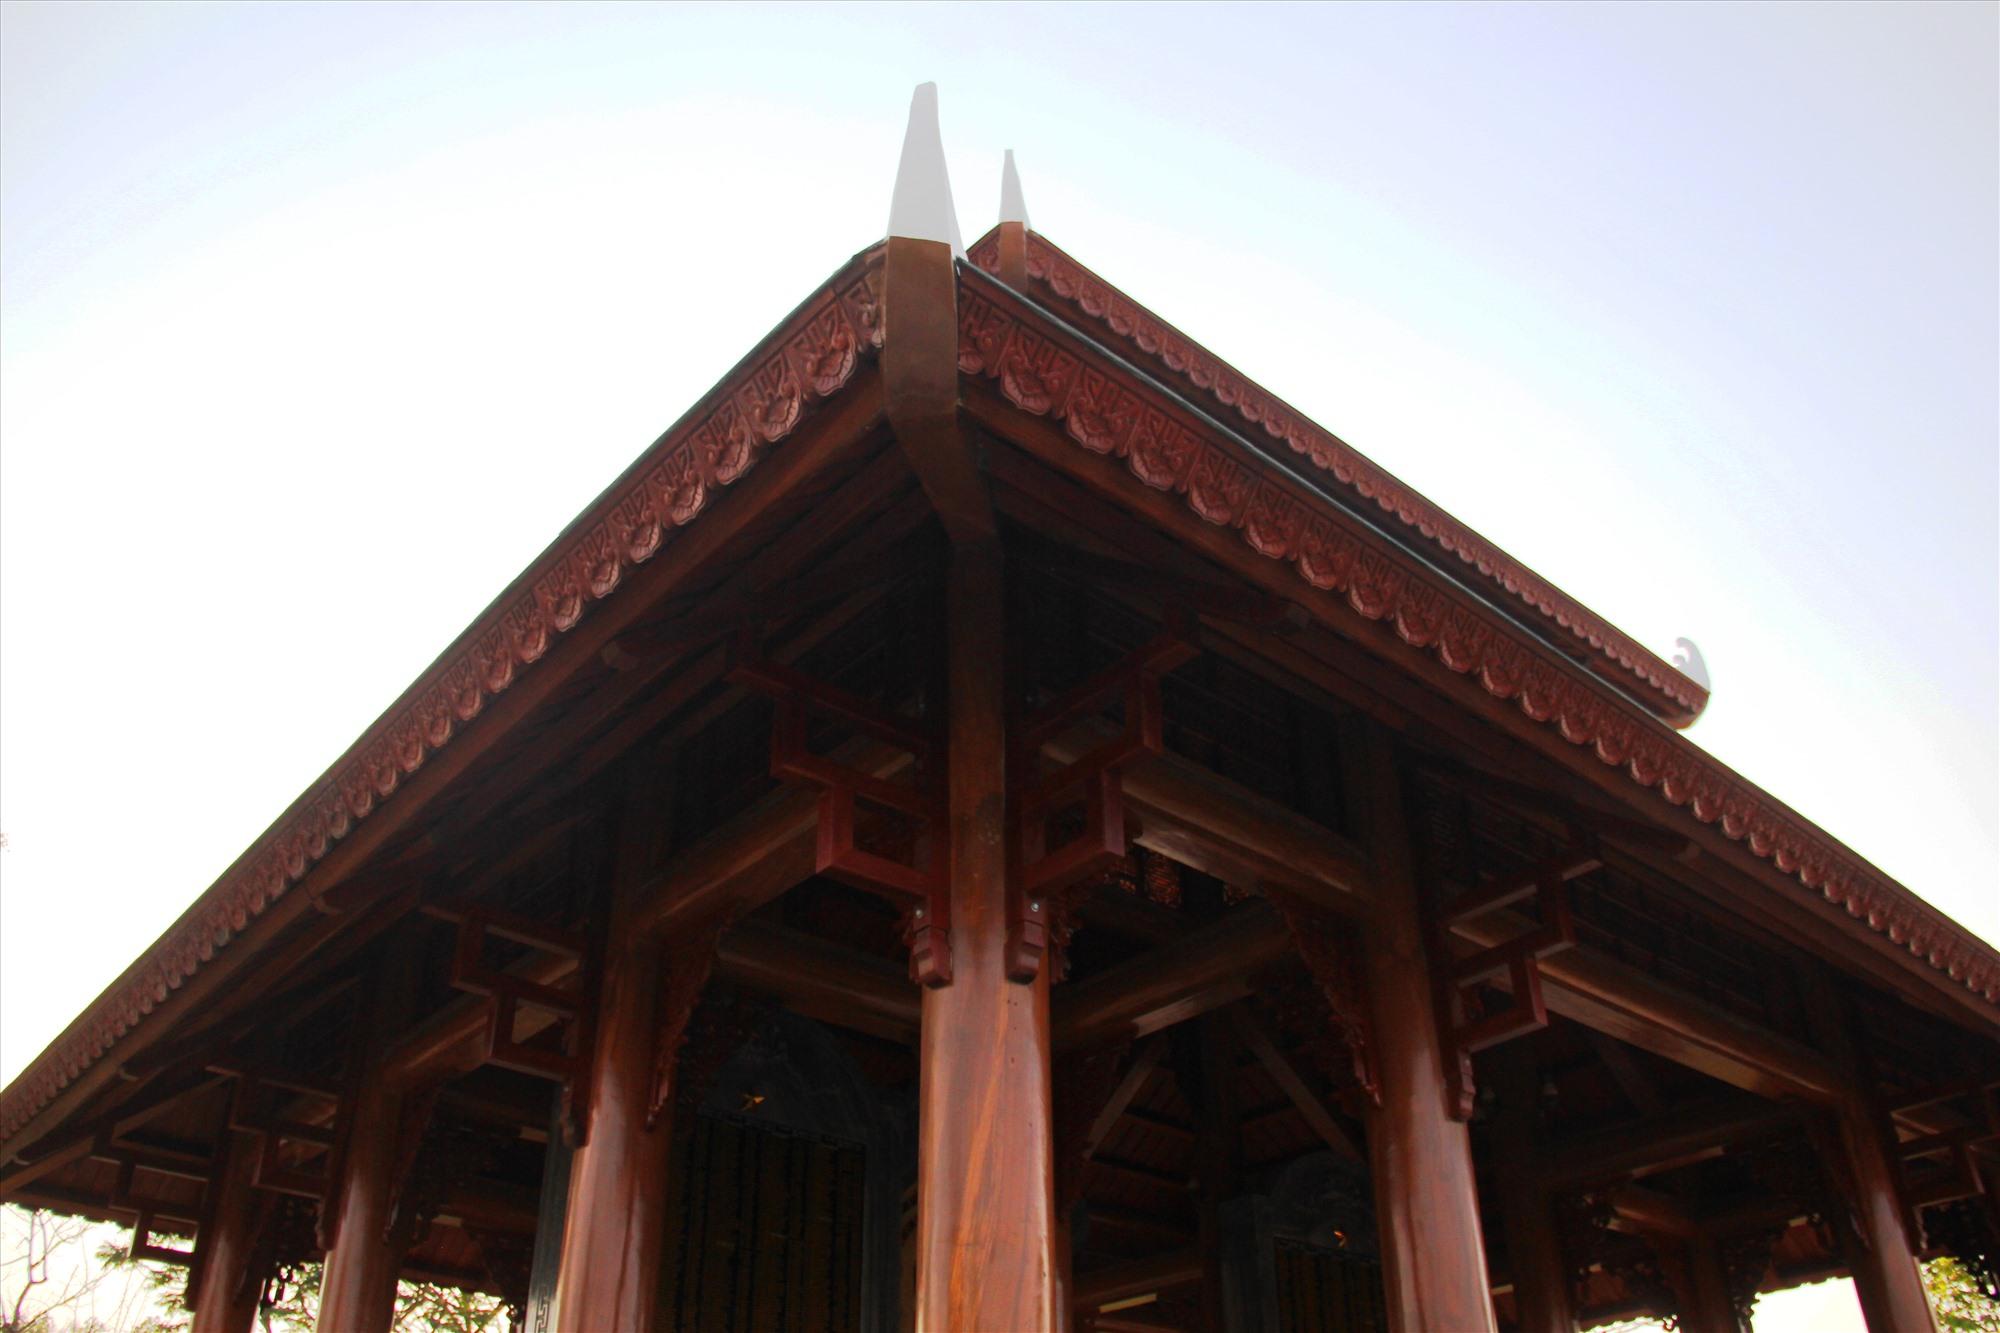 Theo thiết kế, công trình được xây dựng với số lượng khoảng 100 tấn đá, cùng 25 khối gỗ lim. Ảnh: A.N